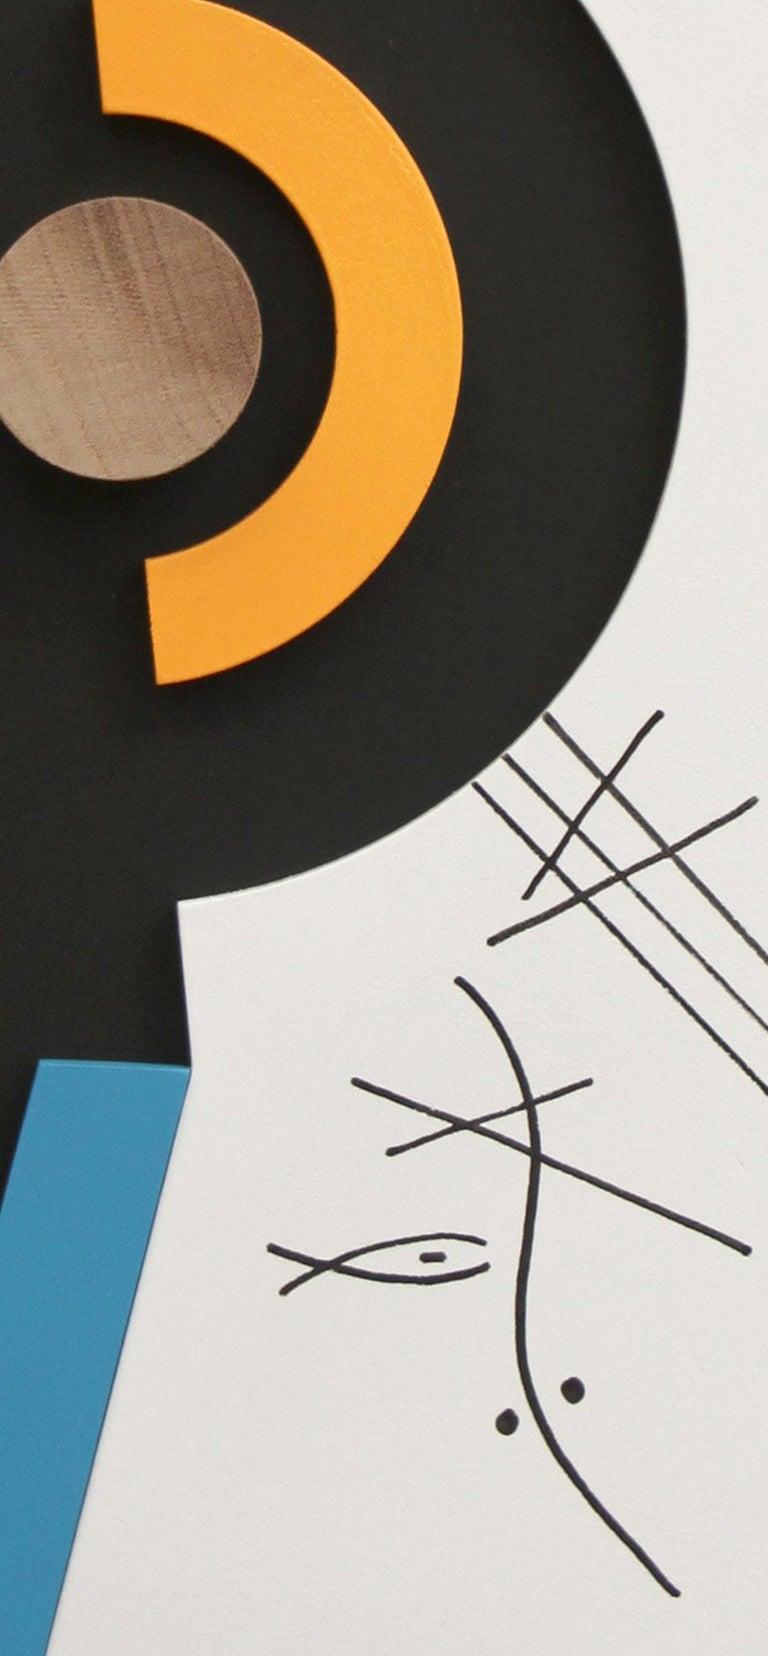 Ação sem contradição II - Abstract Sculpture, Wood, 21st Century, Acacio Viegas For Sale 3